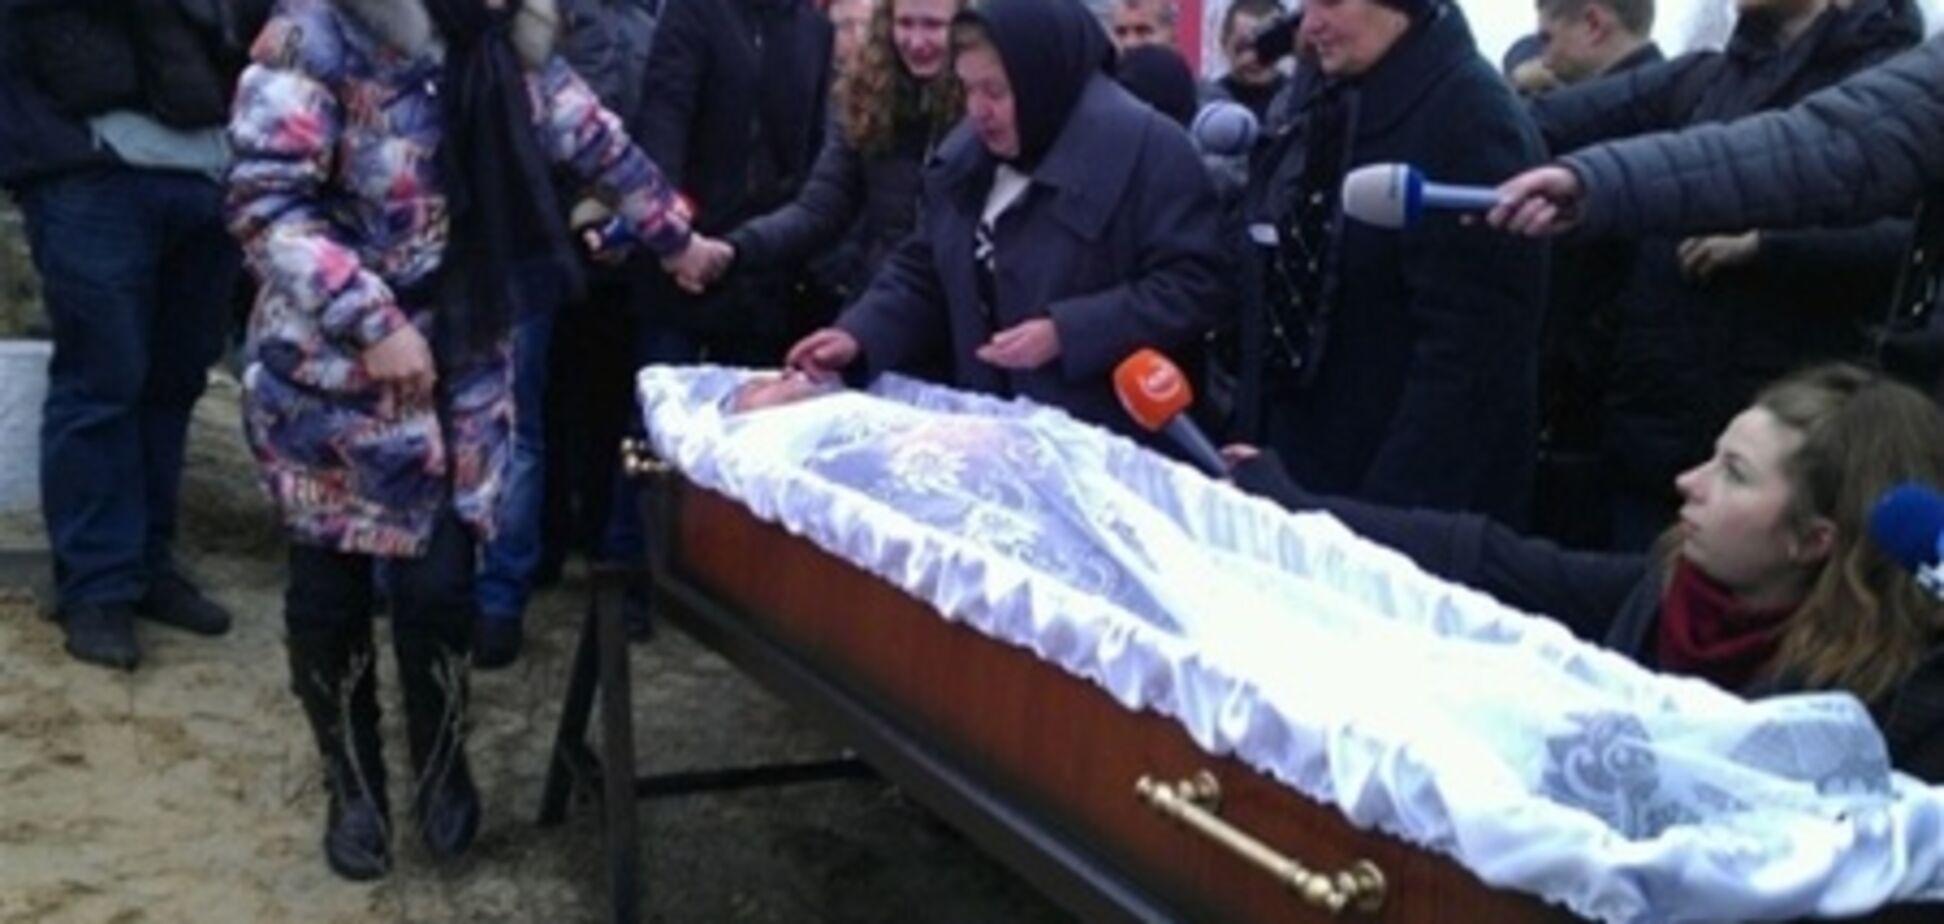 Над могилой Мазурка поставили красный крест